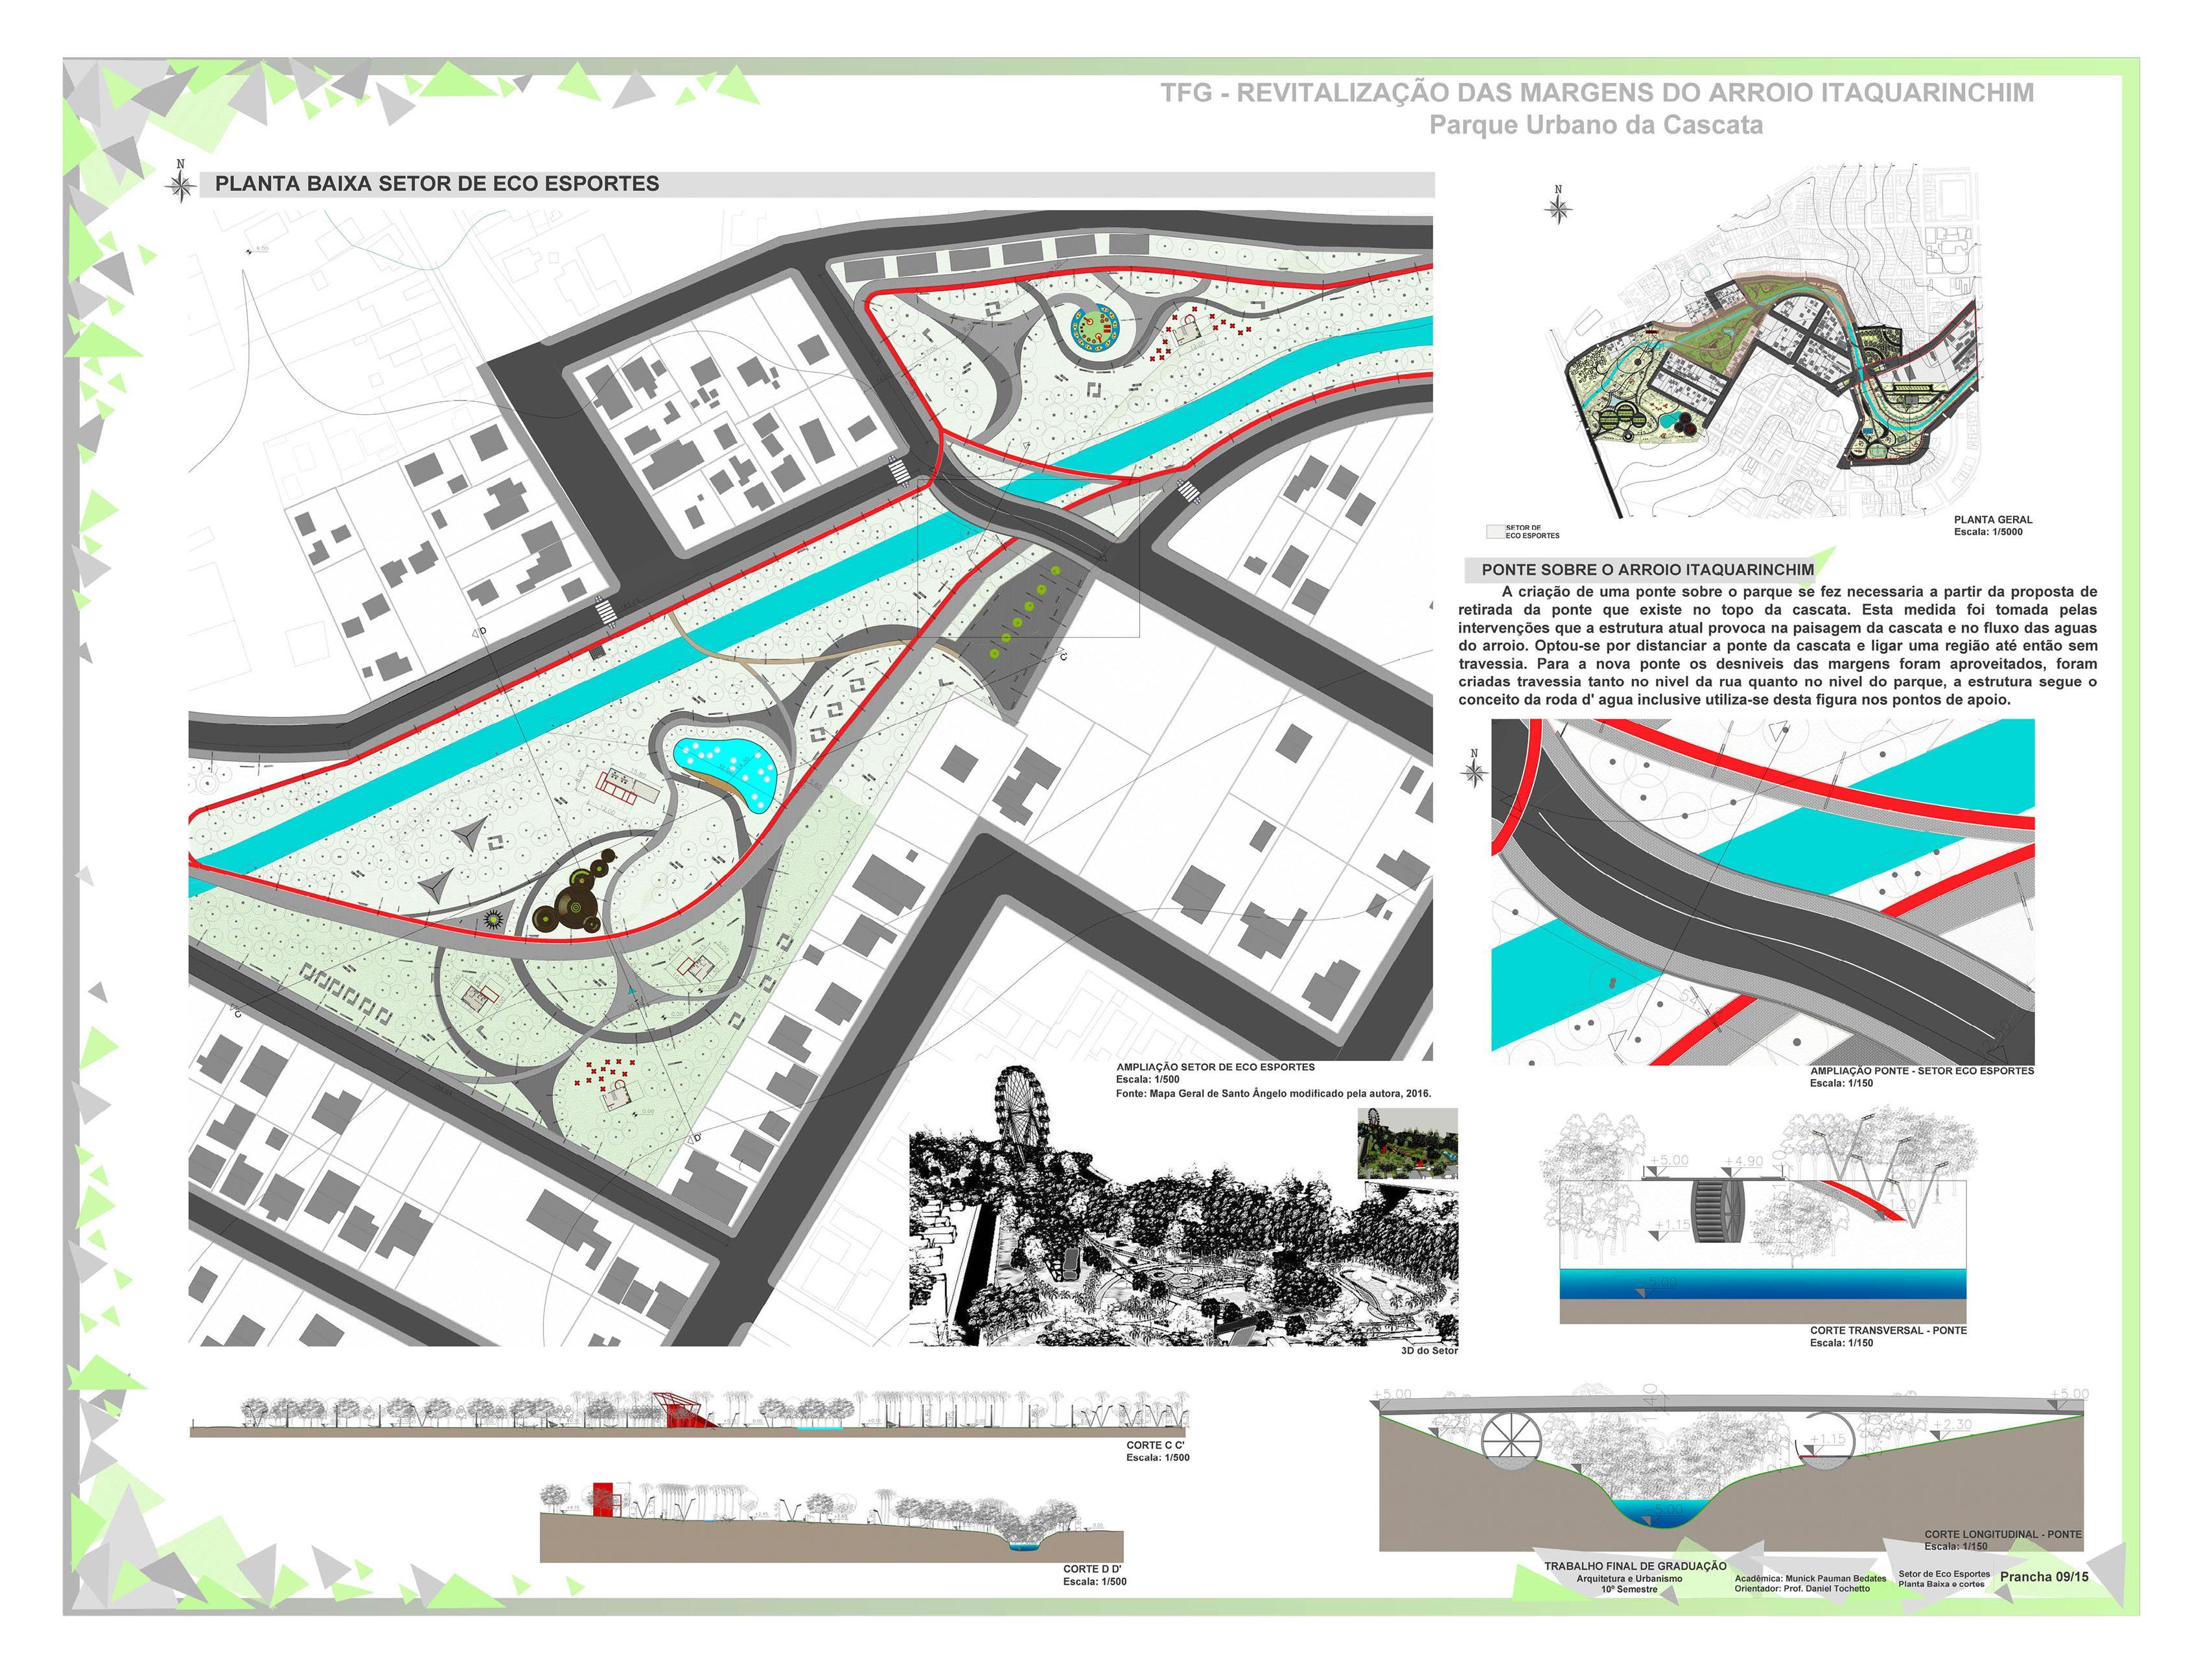 Revitalização das Margens do Arroio Itaquarinchim - Parque Urbano da Cascata12 (Copy)